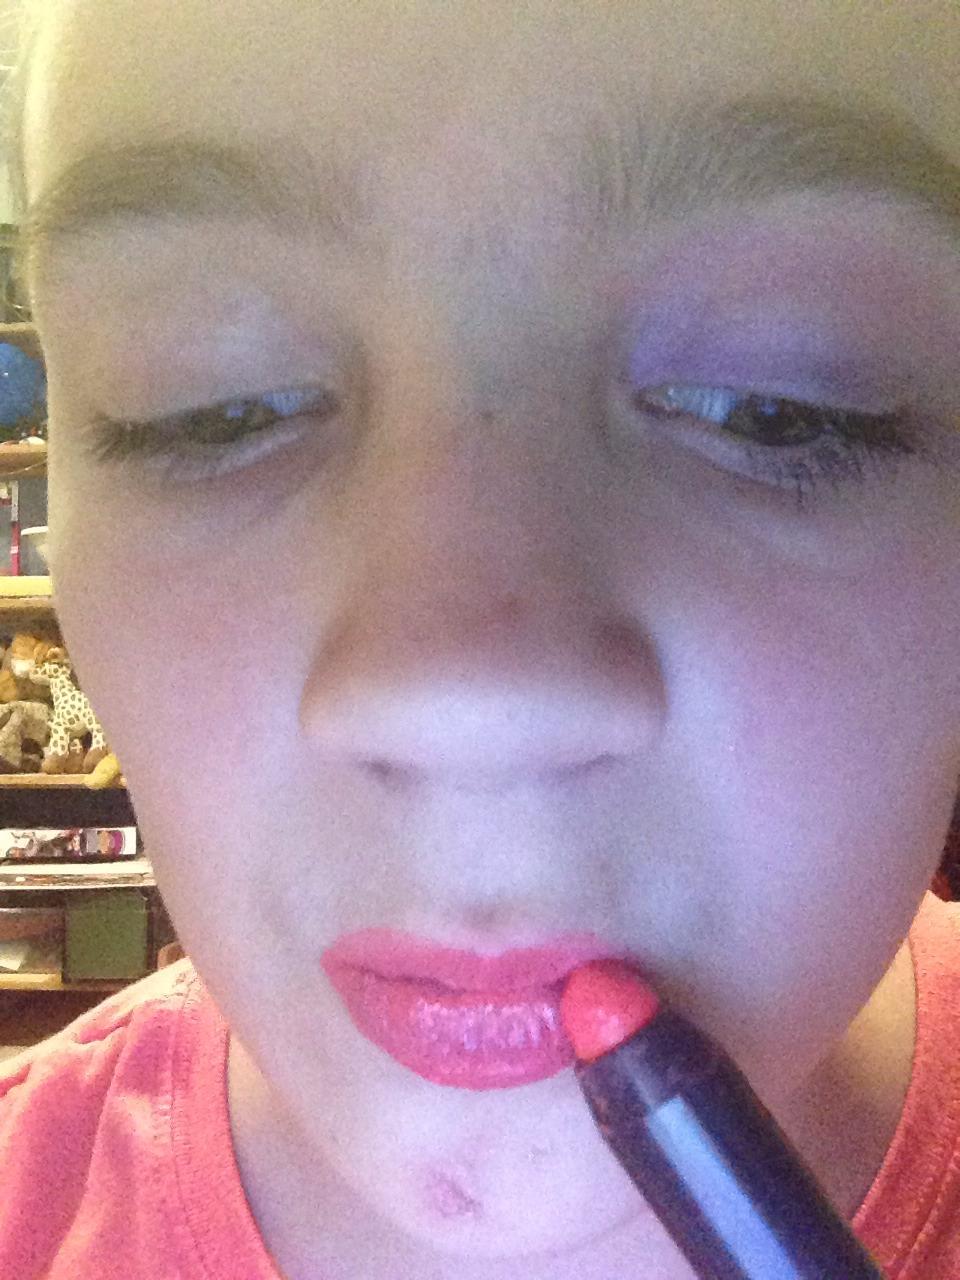 Picture of Lip-Stick